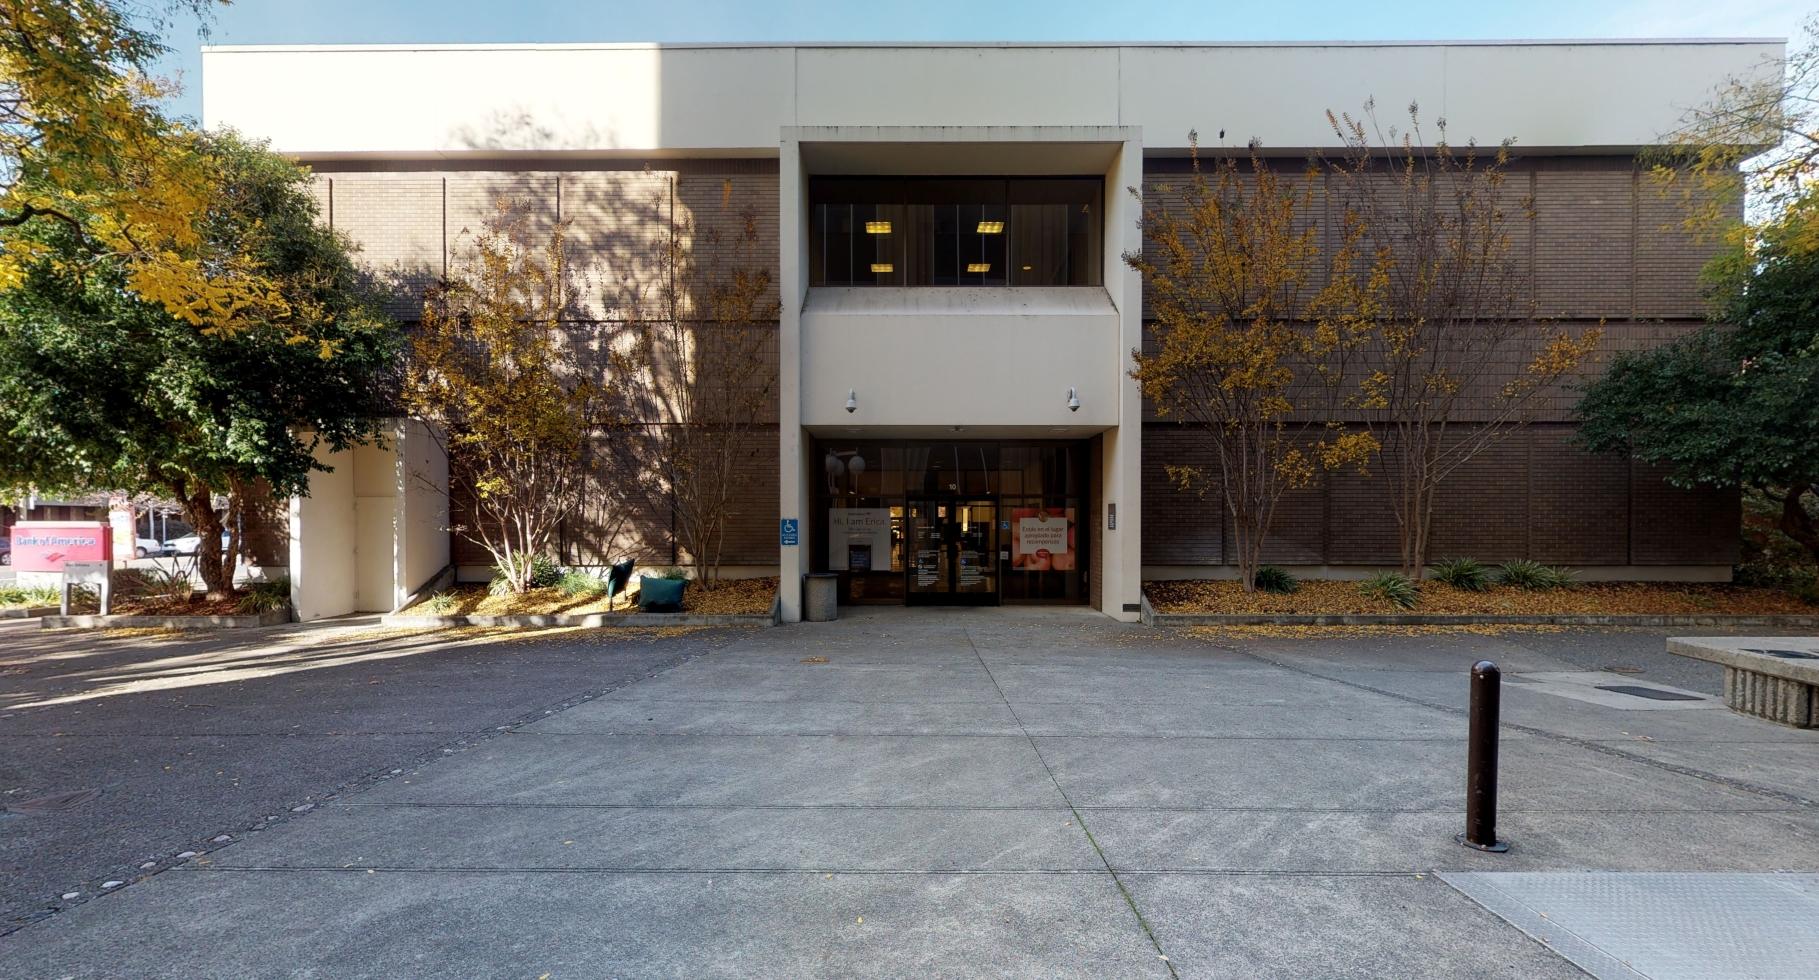 Bank of America financial center with walk-up ATM   10 Santa Rosa Ave, Santa Rosa, CA 95404